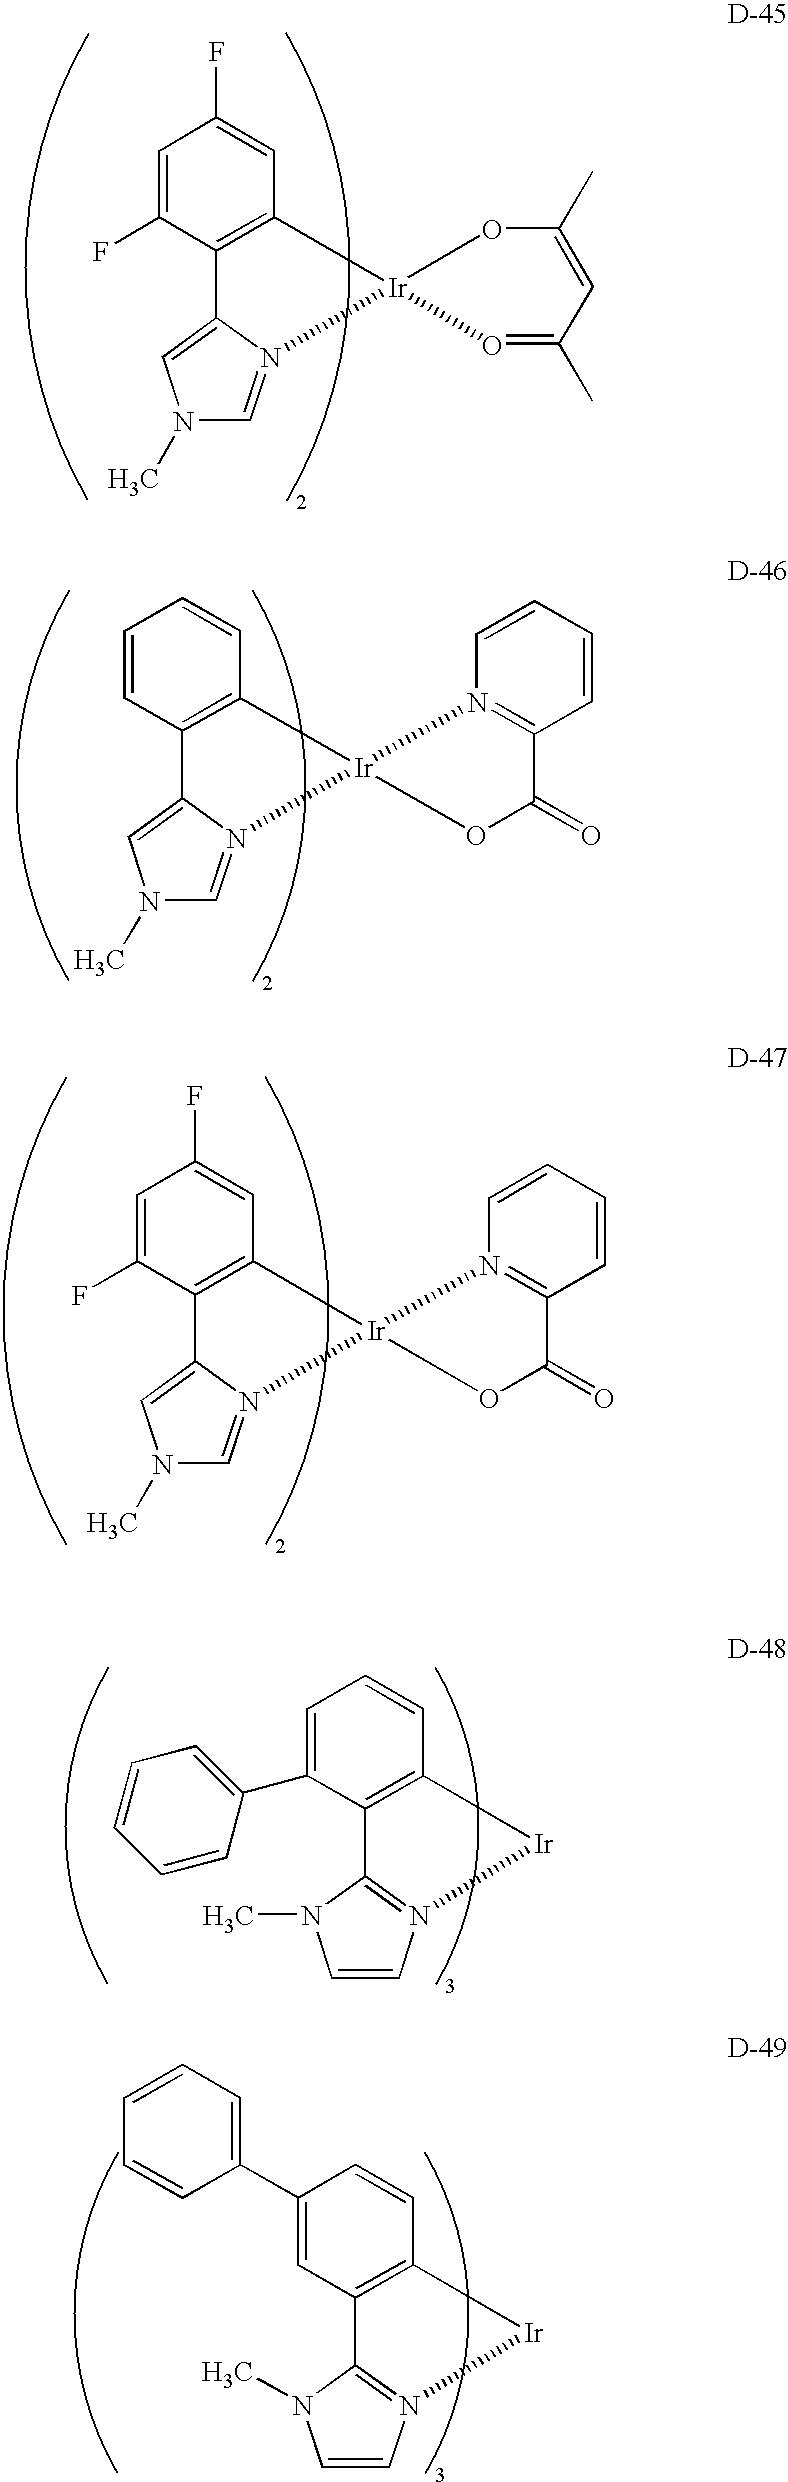 Figure US07504657-20090317-C00012